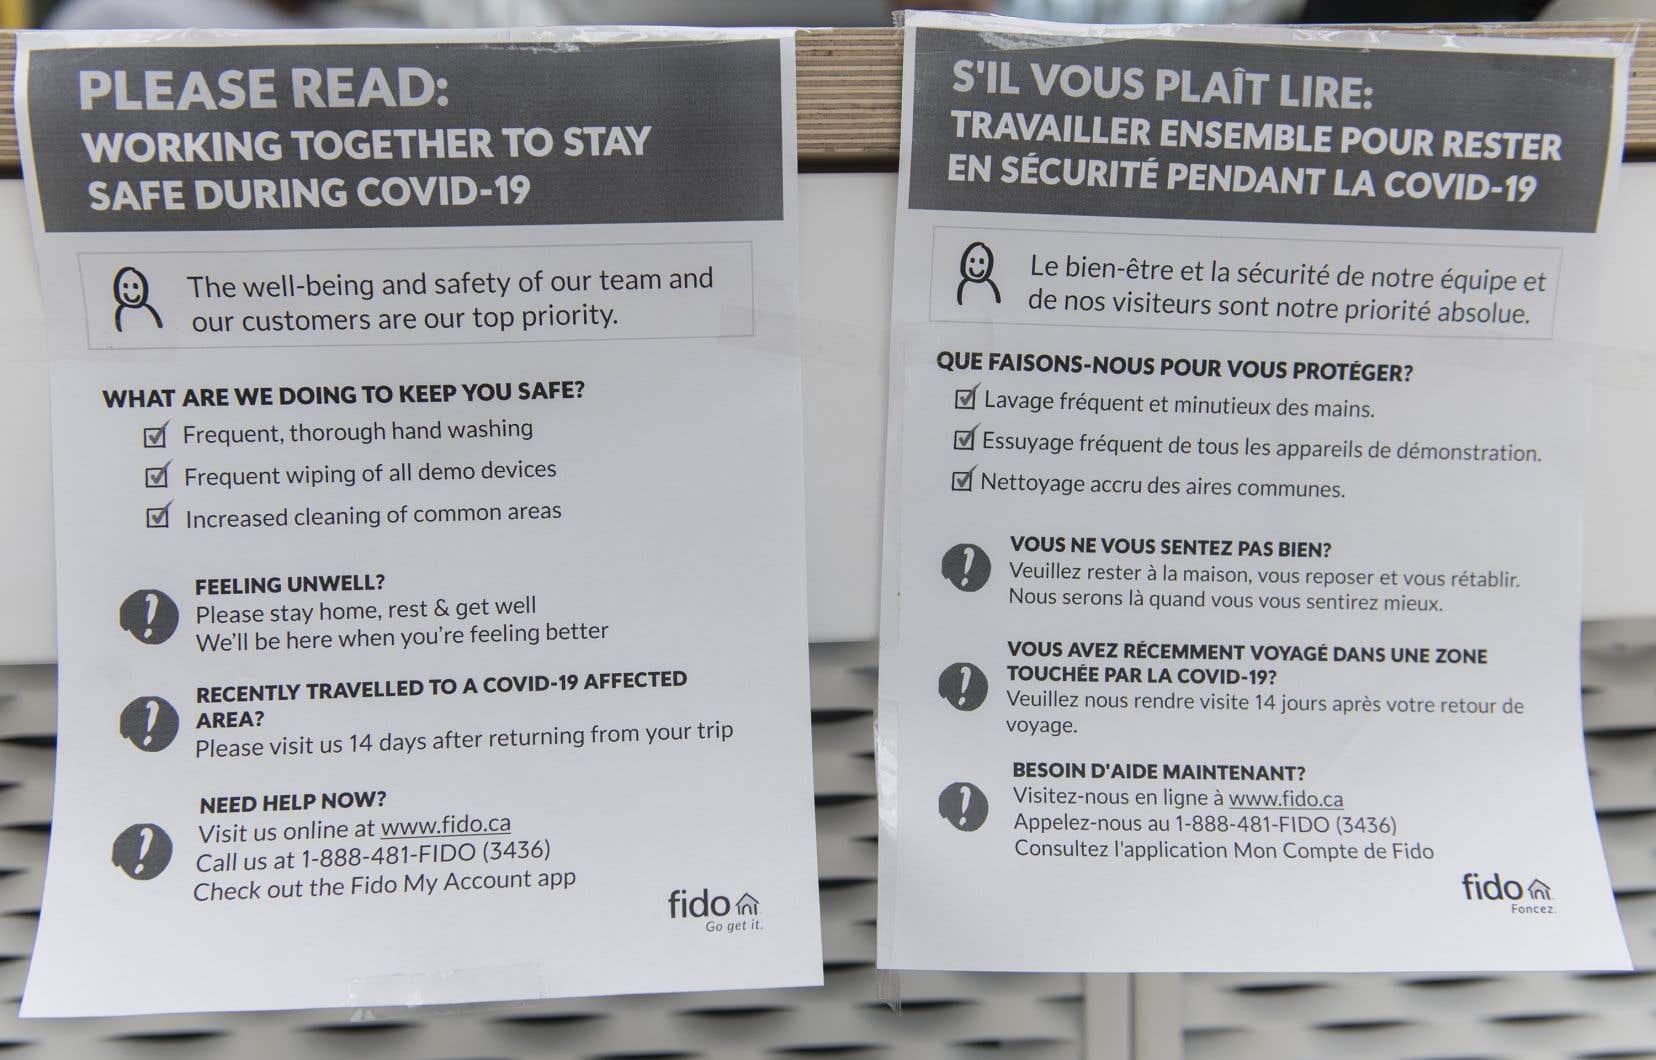 Lundi, 14 cliniques désignées spécifiquement pour le dépistage de la COVID-19 étaient ouvertes au Québec.